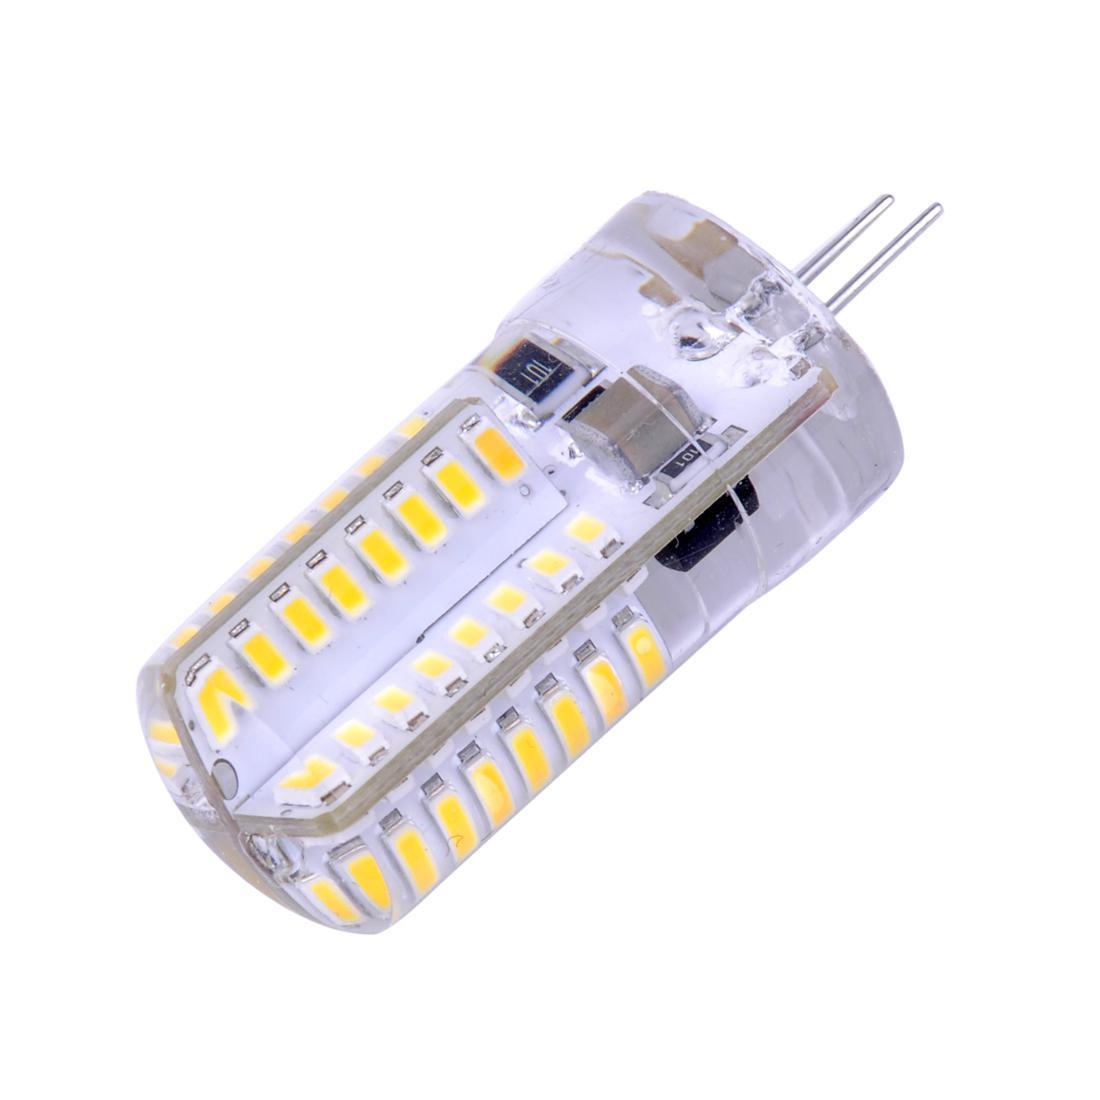 LED žiarovka 64 x SMD 3014 G4 4W teplá biela 220V